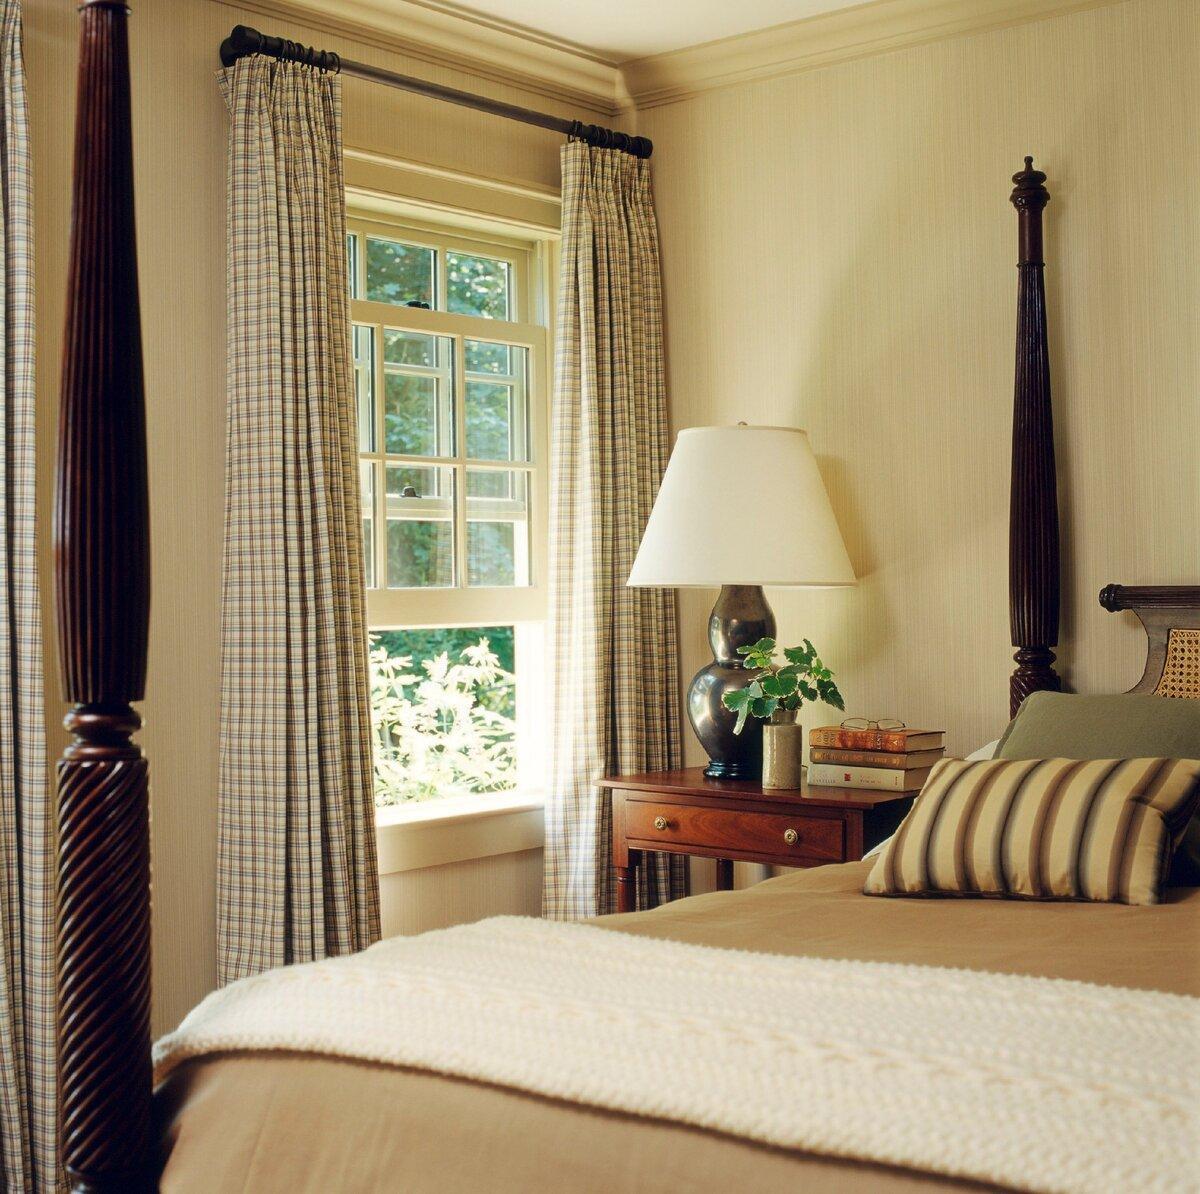 Купить спальню правильно. Выбор, планировка, дизайн. 15 рекомендаций